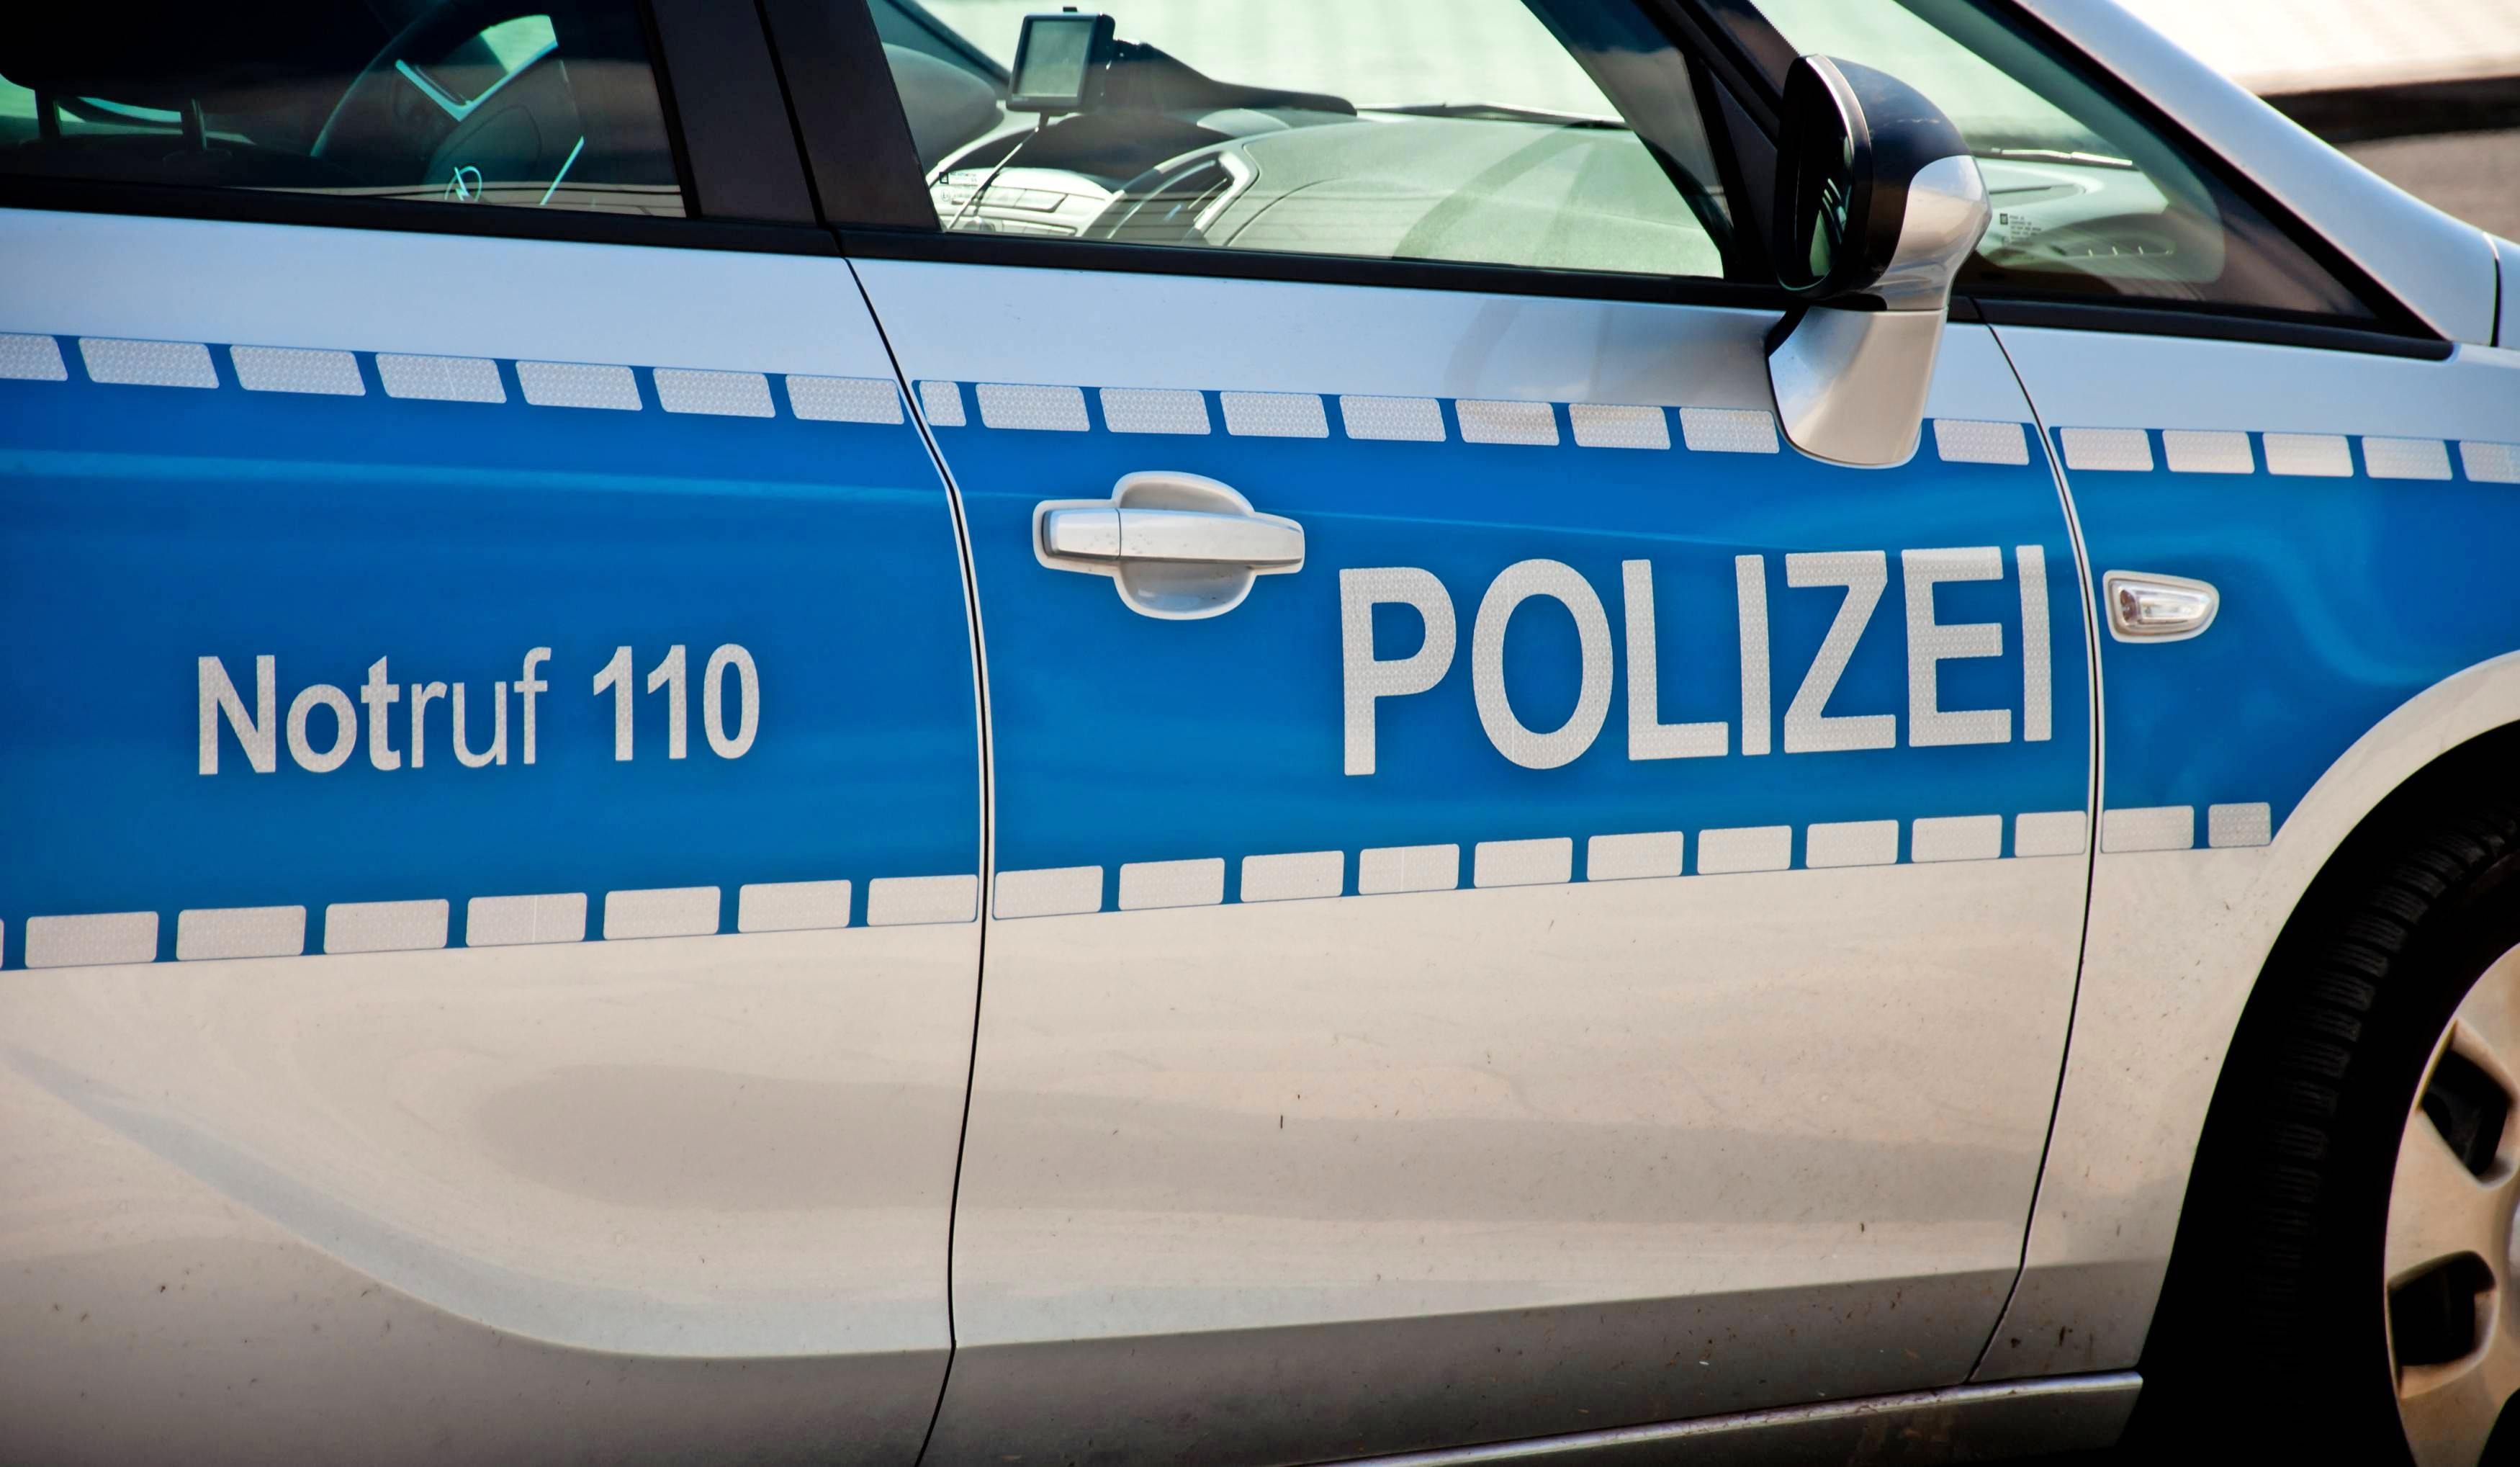 Wenn der Unfallhergang kompliziert oder der zu erwartende Schaden sehr hoch ist, sollten Beteiligte besser die Polizei hinzuziehen.